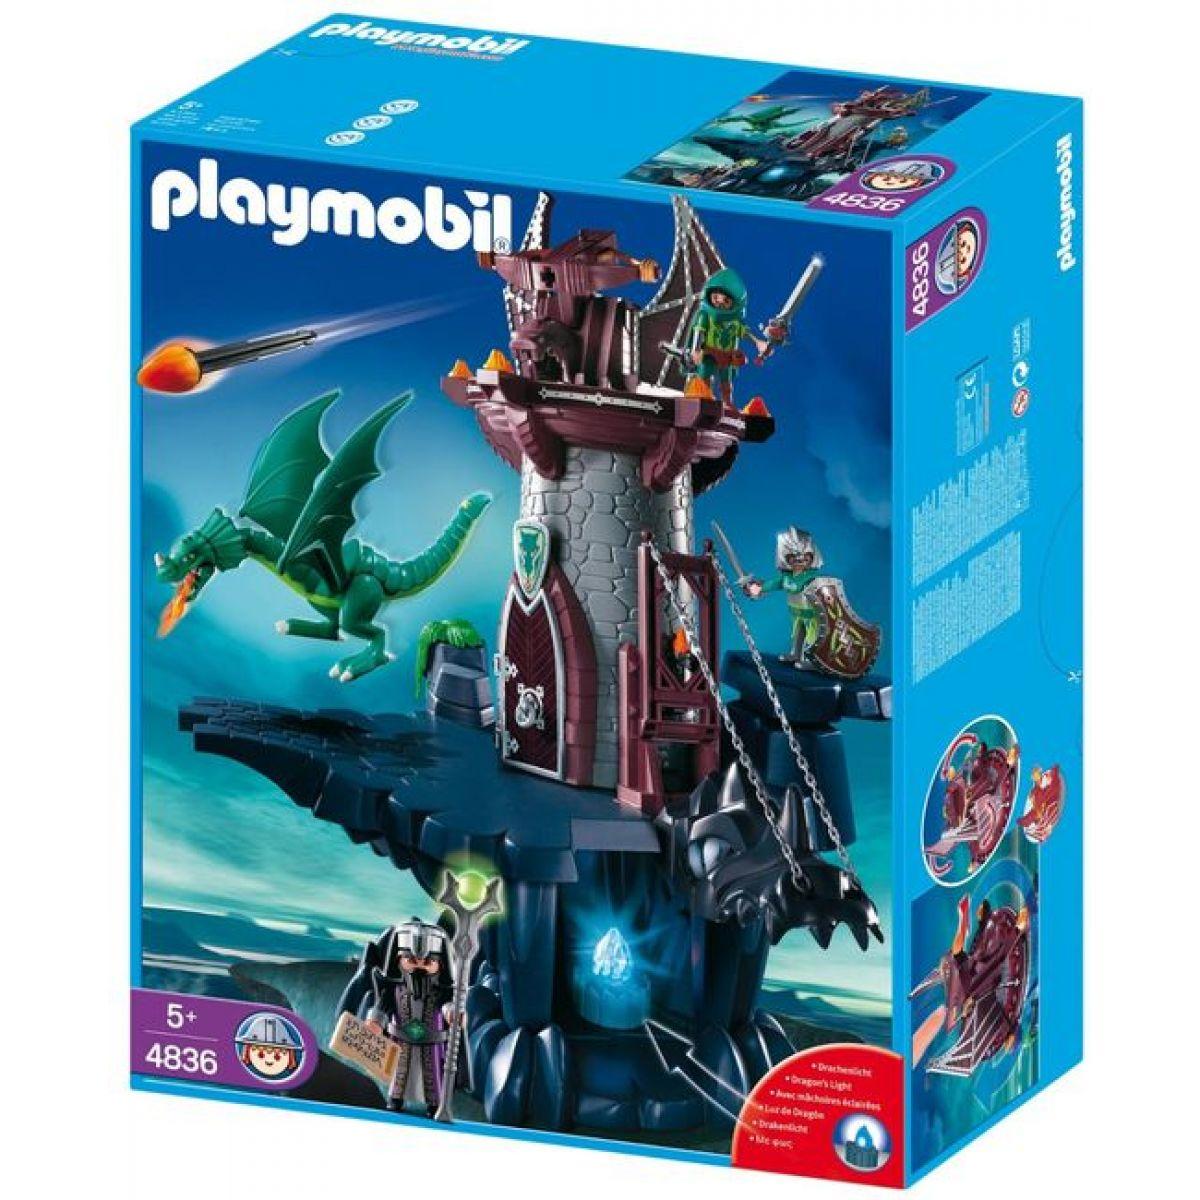 Playmobil 4836 Dračí věž